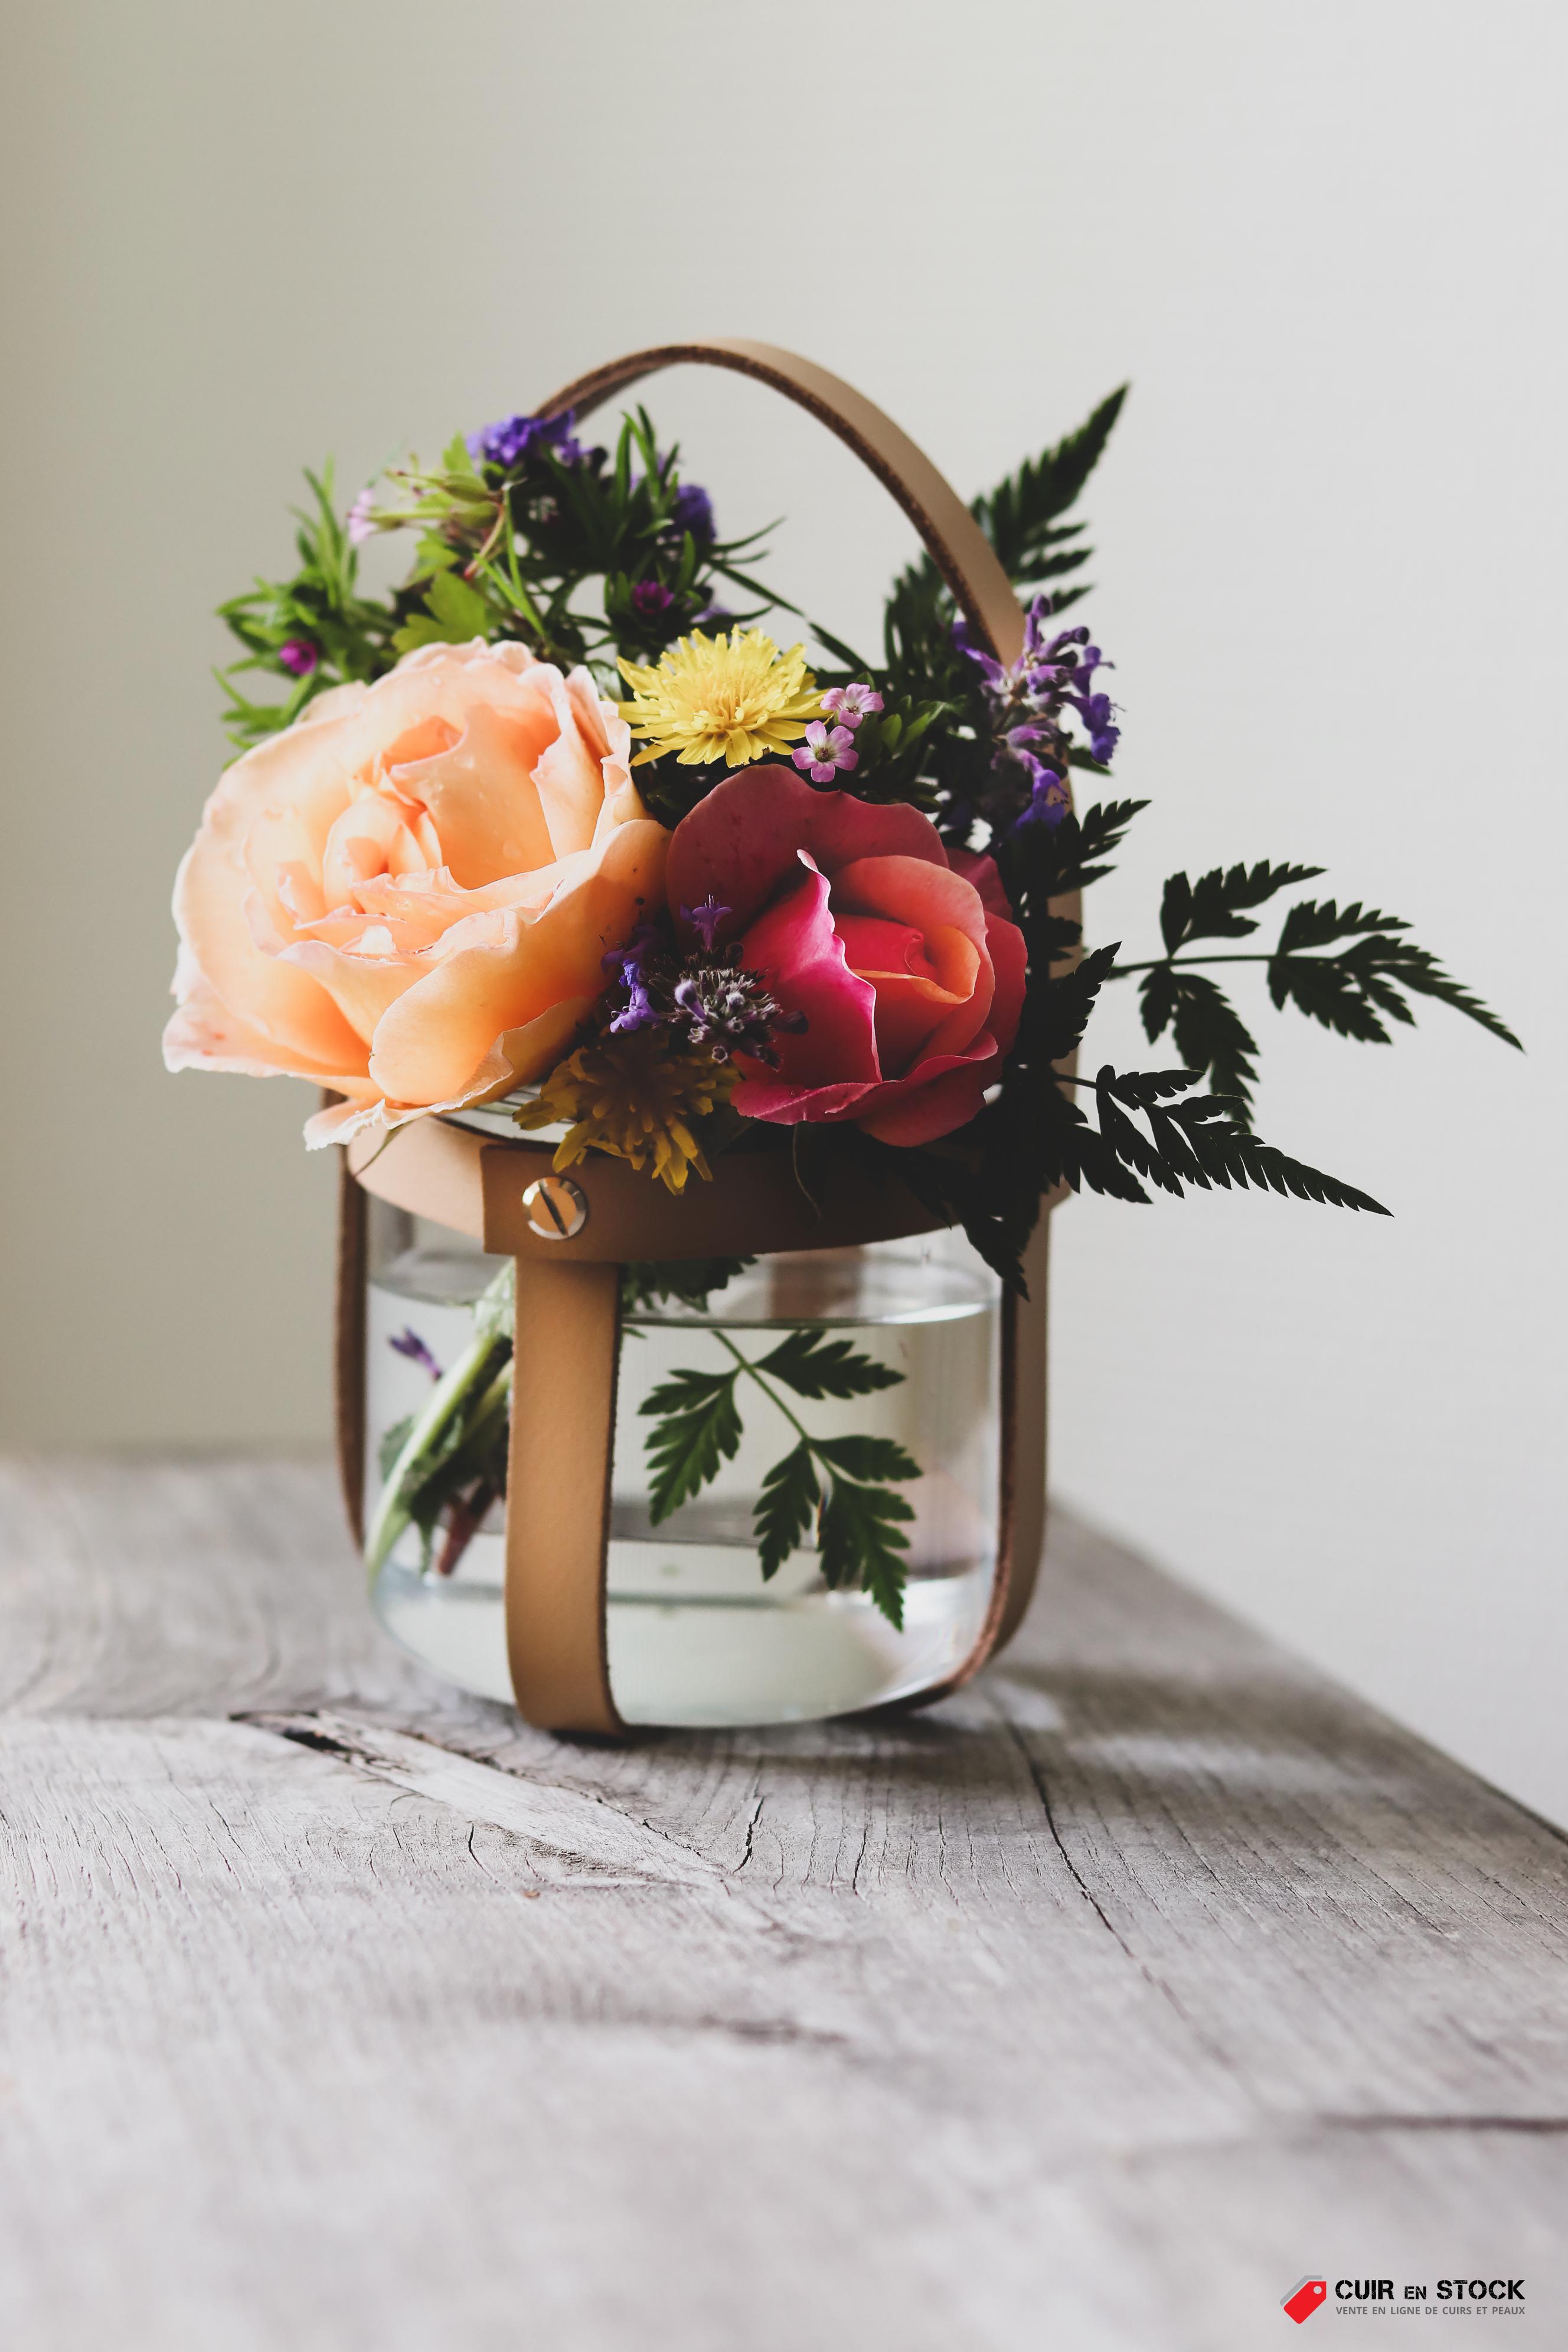 Tuto DIY gratuit - Déco en lanières de cuir - Suspension florale - Cuir en Stock